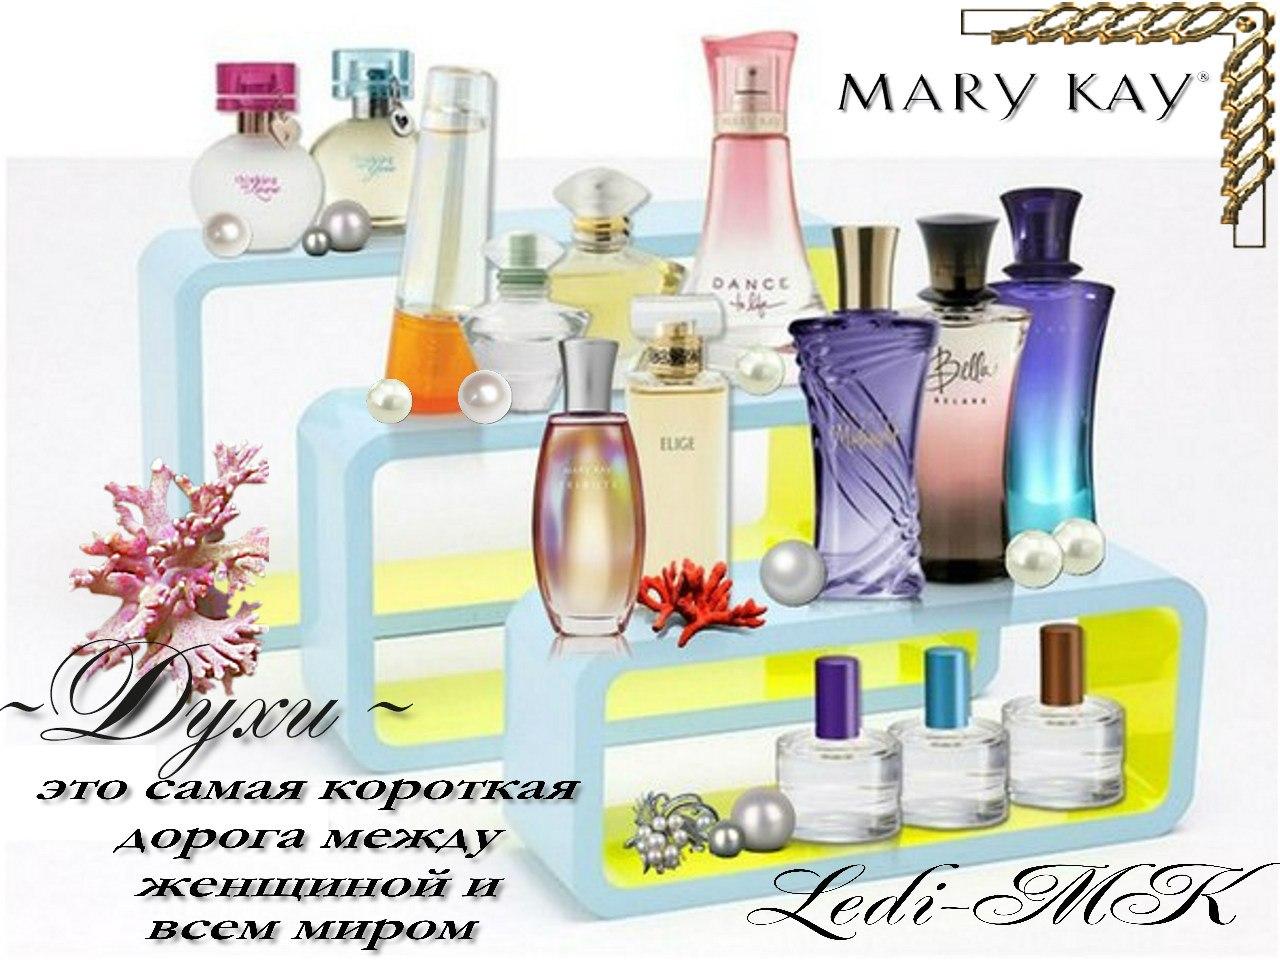 Распространитель косметики mary kay 9 фотография